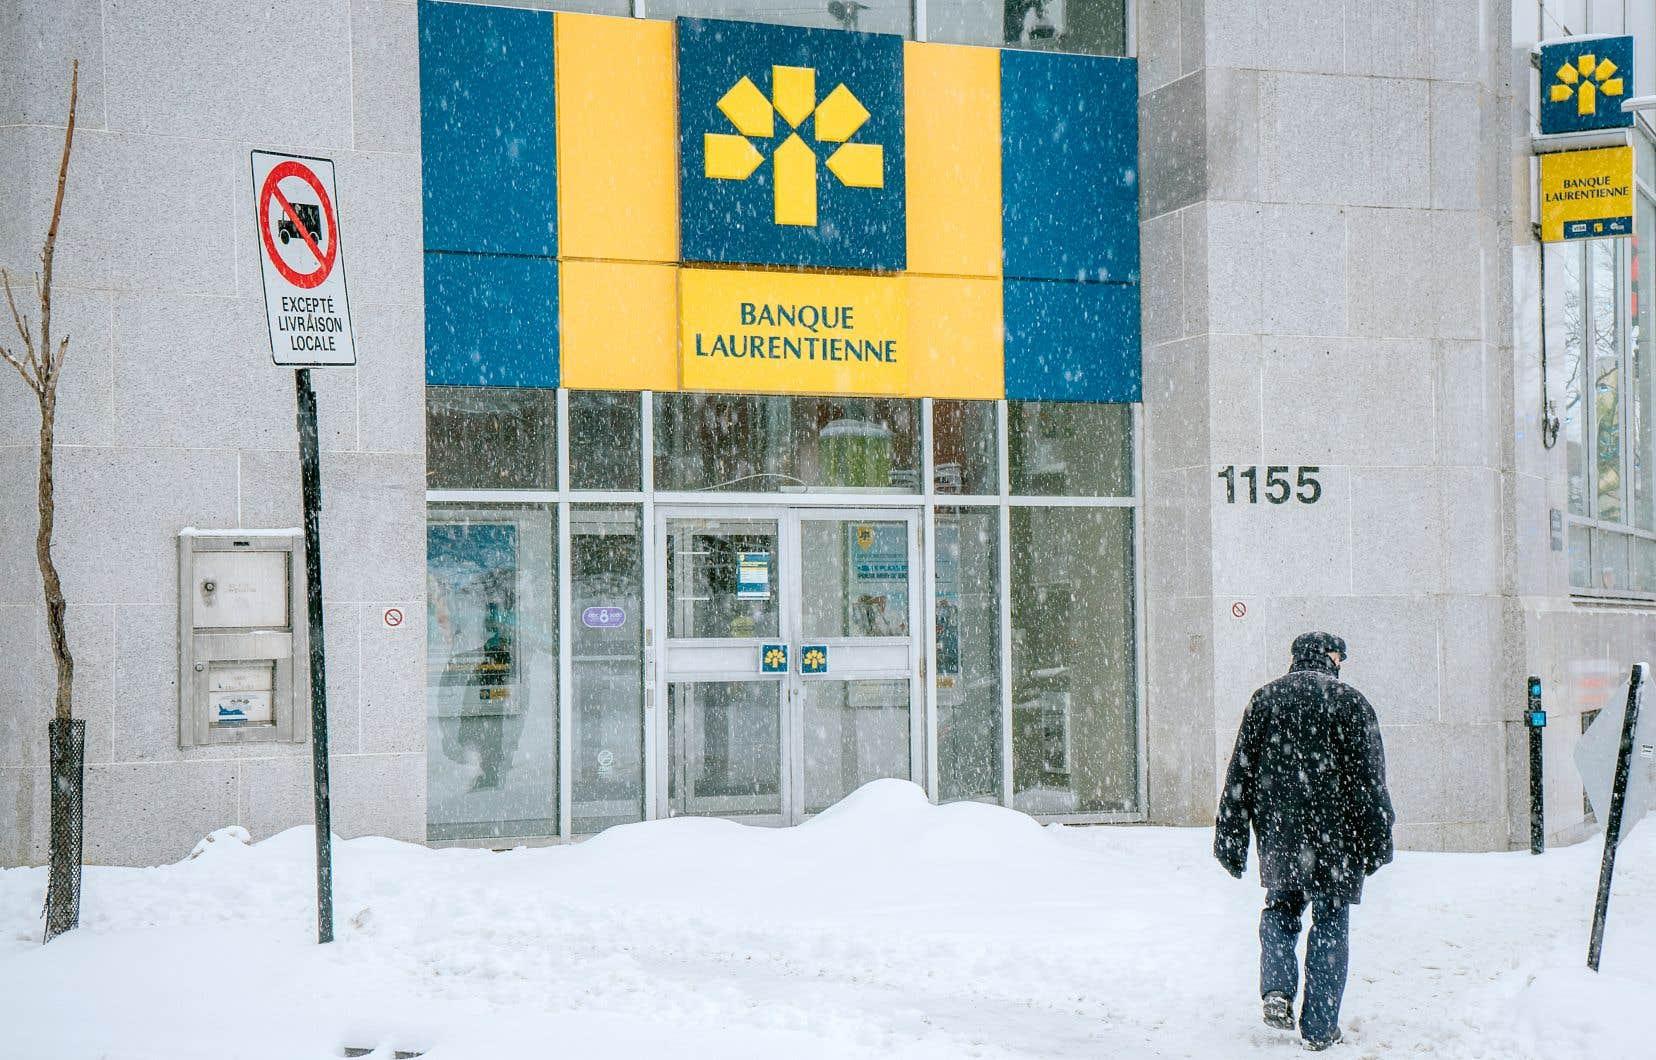 En date du 31janvier, la valeur du portefeuille hypothécaire de la banque était estimée à 16,1milliards, en recul de 1,5% comparativement au quatrième trimestre de l'exercice précédent.